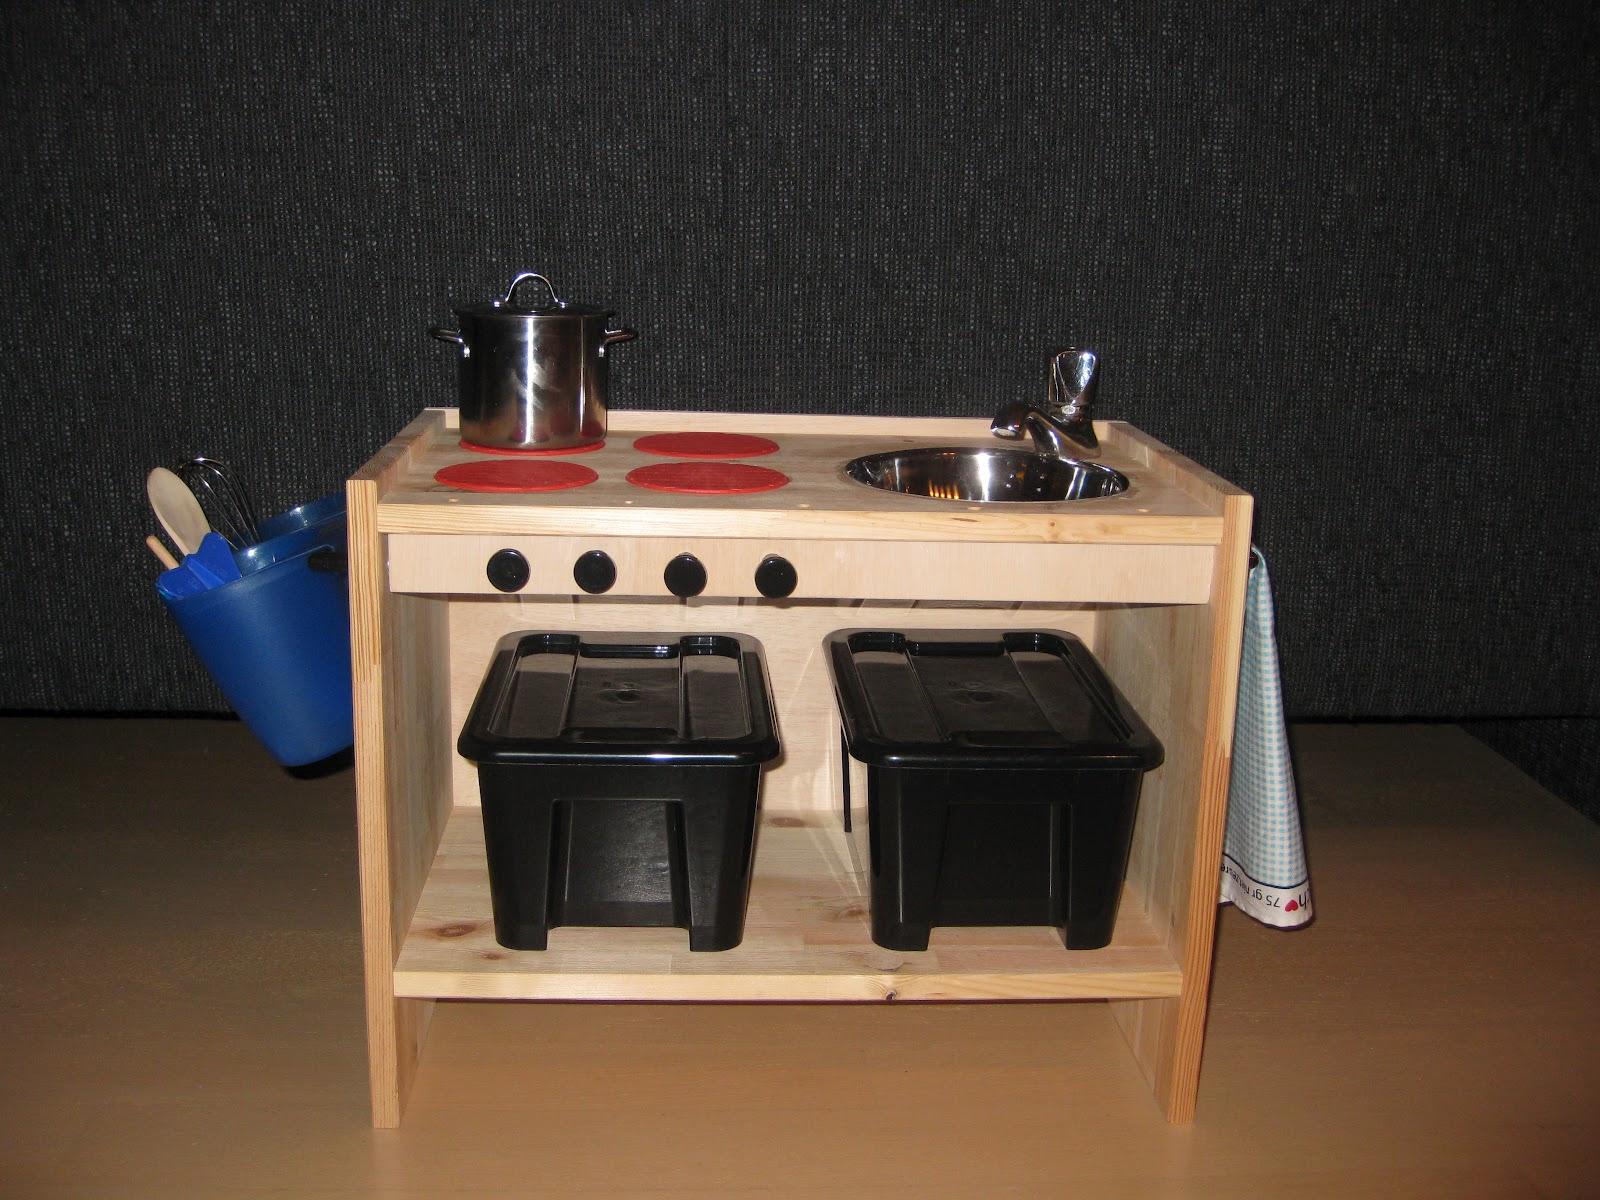 Houten Speelgoed Keuken : Diy keukentje voor zon u20ac30 duurzaam houten speelgoed